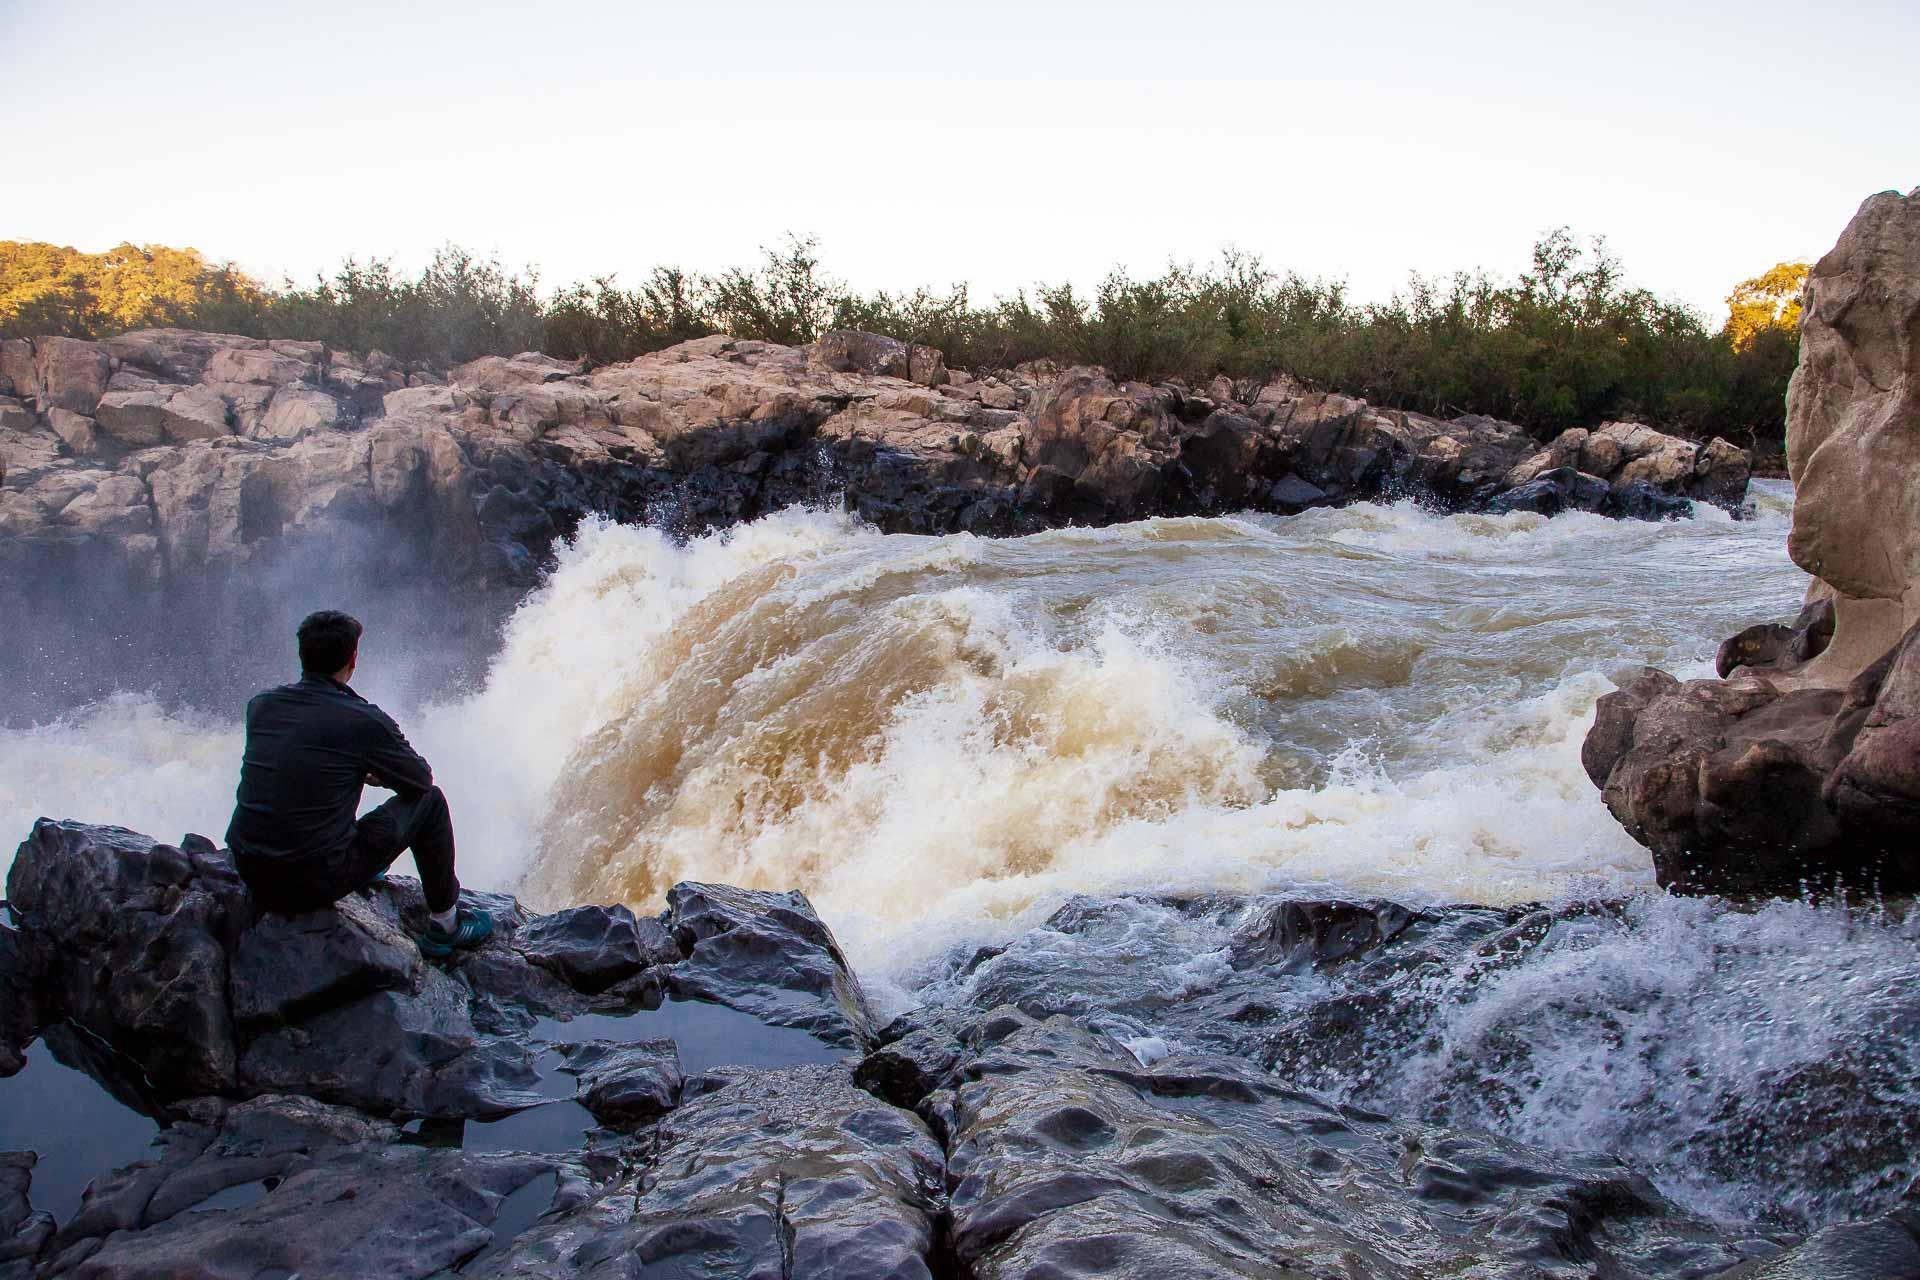 Homem contempla as fortes corredeiras do Rio Itajaí-Açu em Blumenau